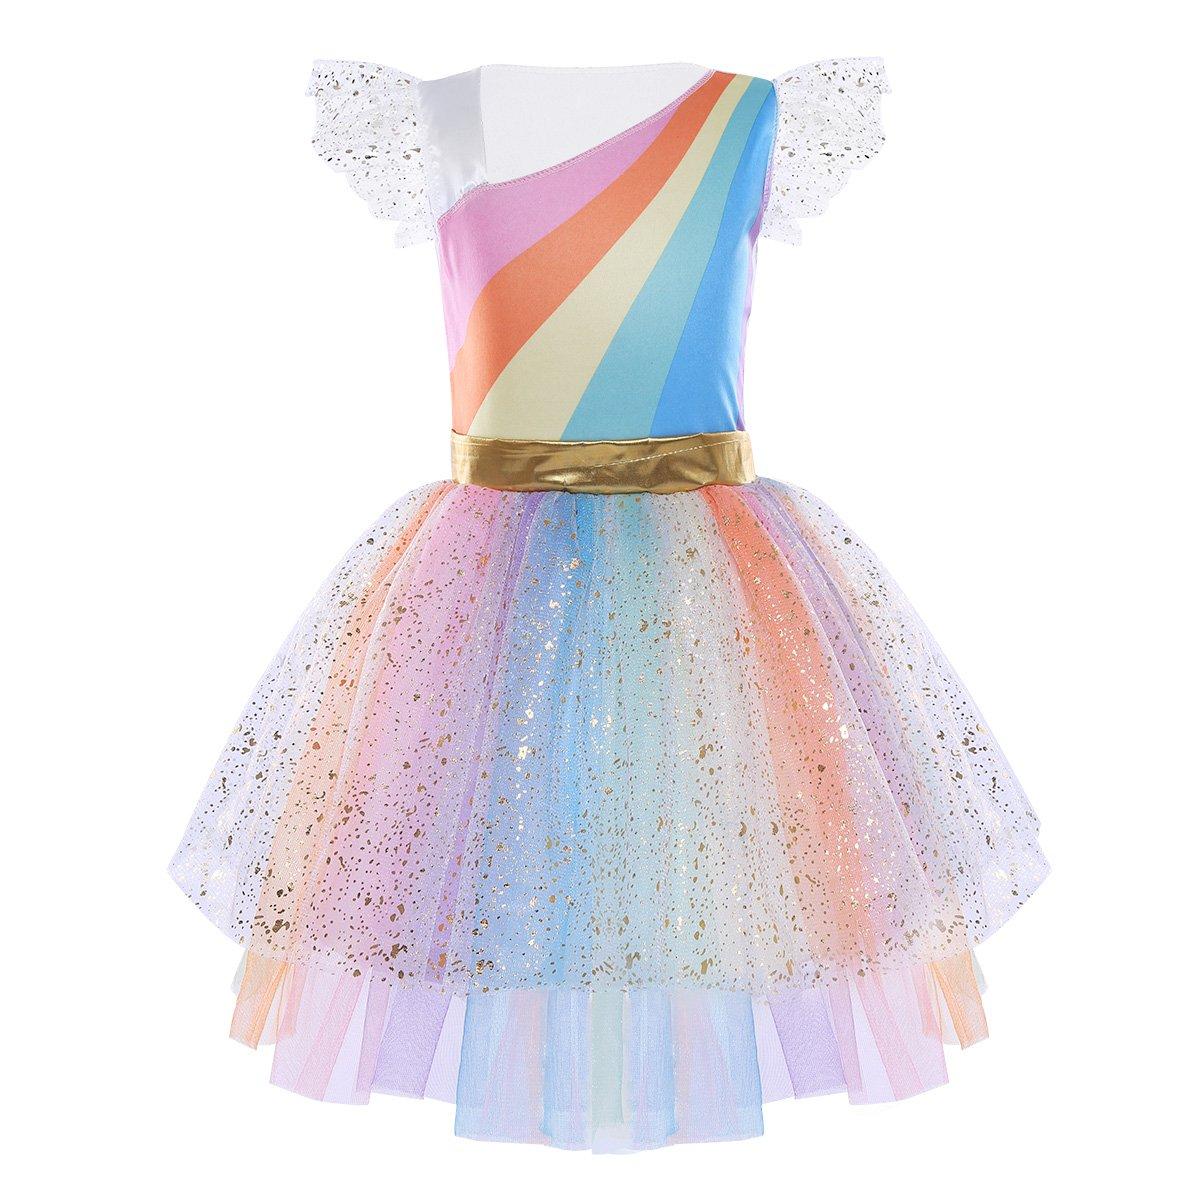 Freebily Disfraz Princesa Ni/ña para Carnaval Halloween Vestido Fiesta Ni/ñas de Cosplay Conjunto con Alas Diadema Inf/ántil